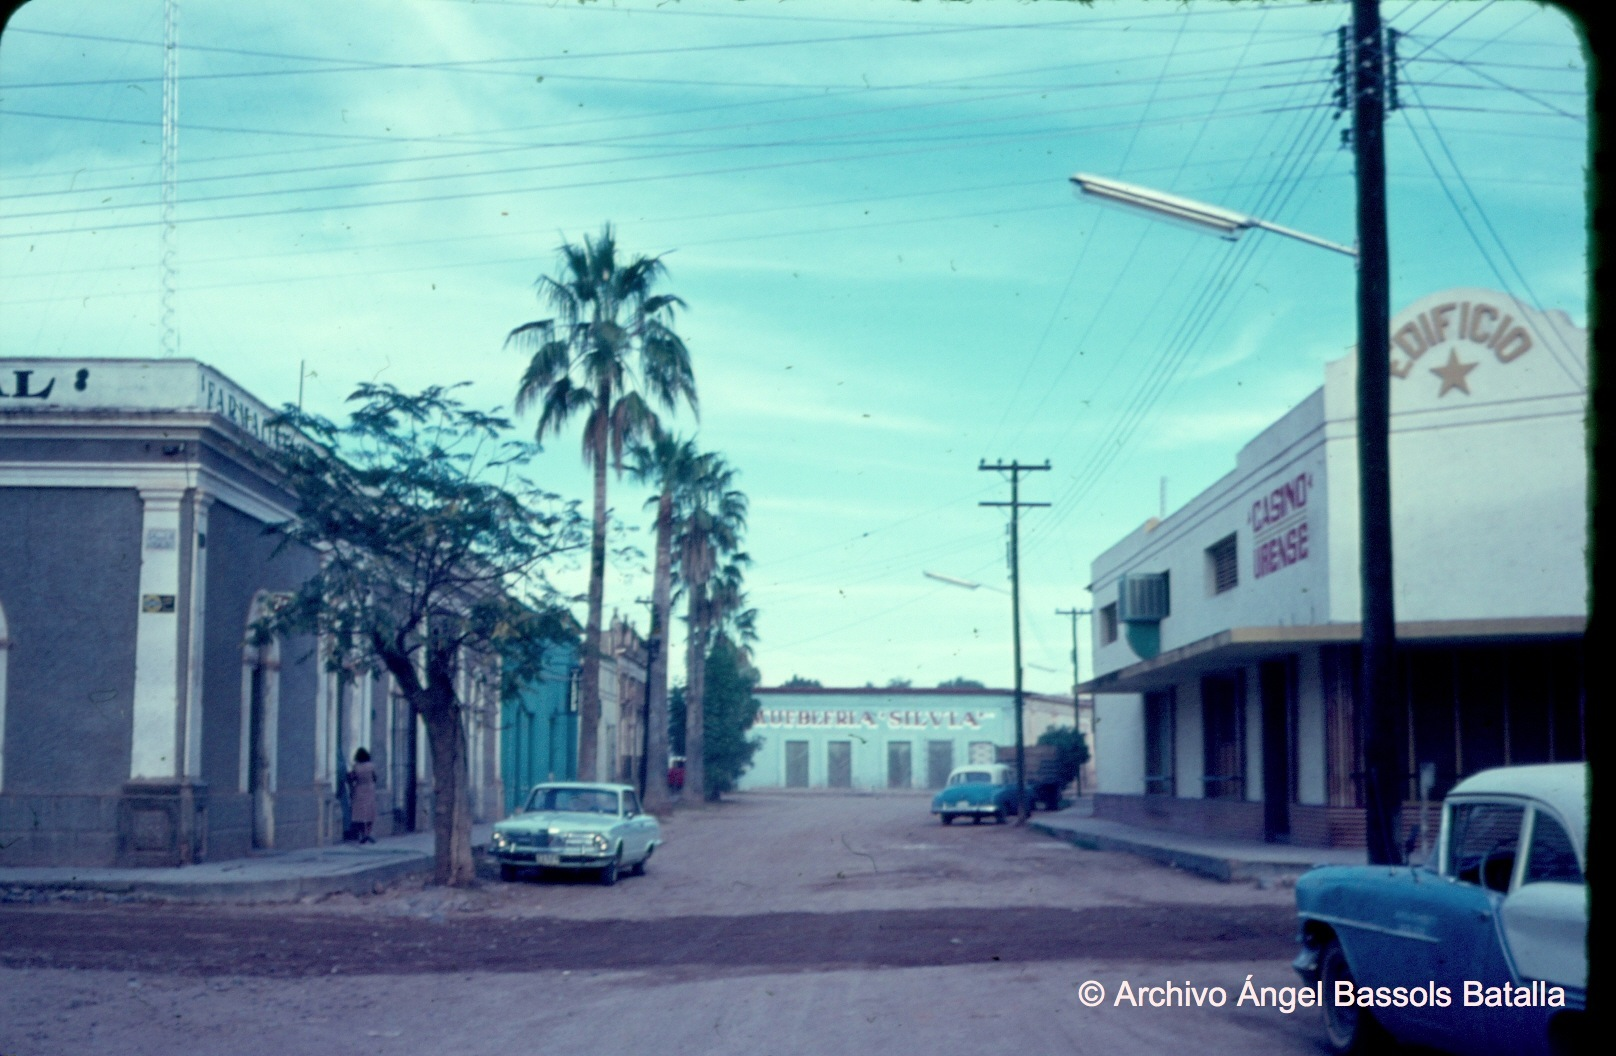 Calle central de Ures